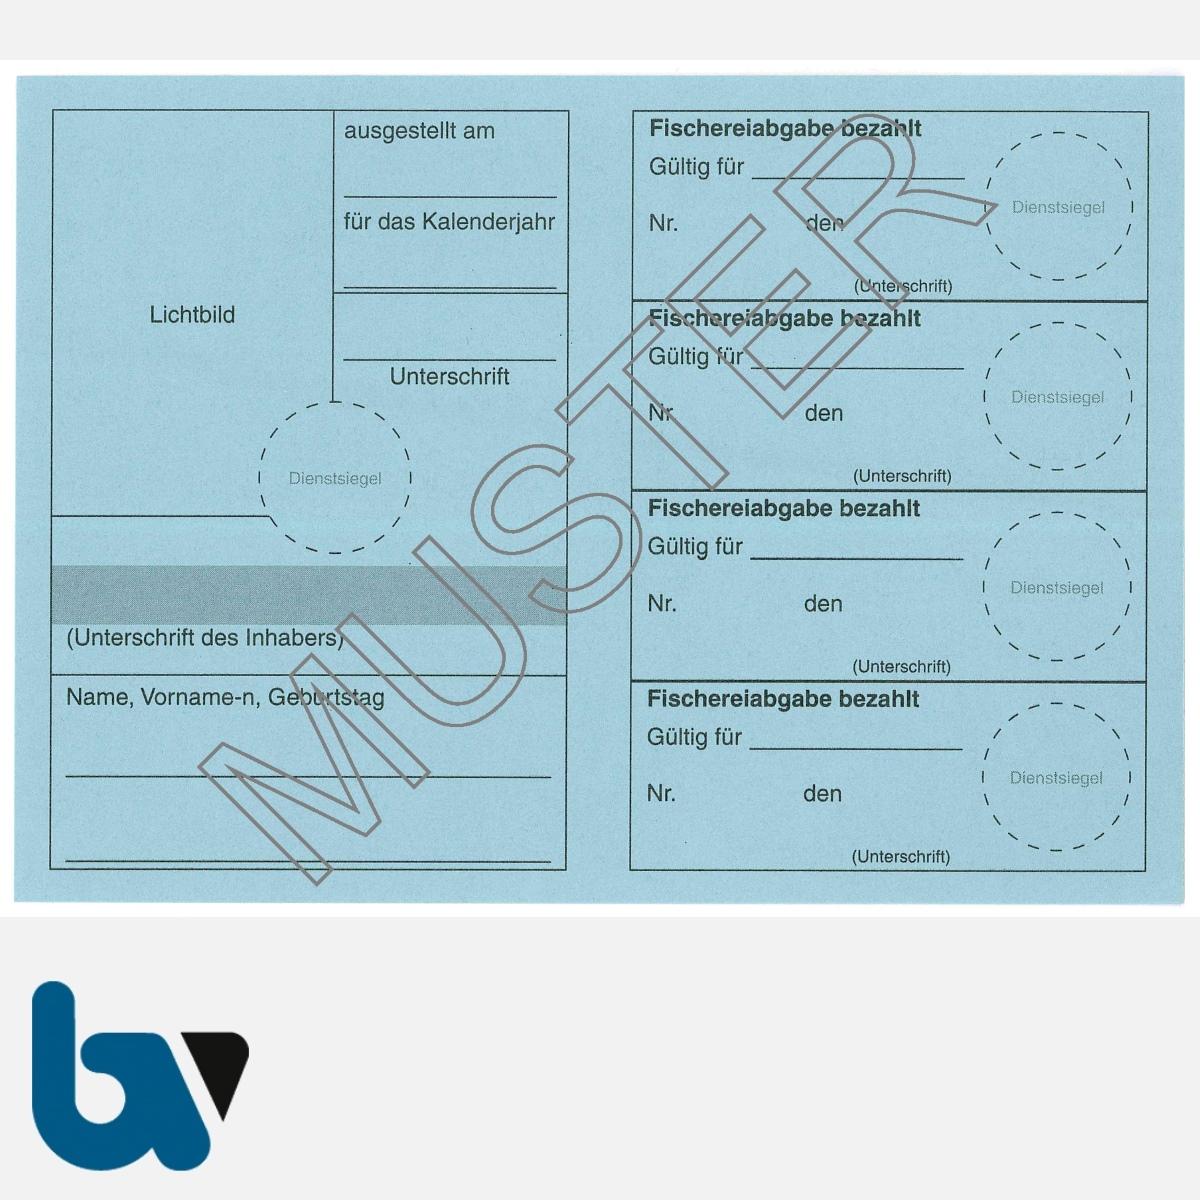 5/456-2 Jahresfischereischein BW Baden-Württemberg blau Neobond Muster RS   Borgard Verlag GmbH